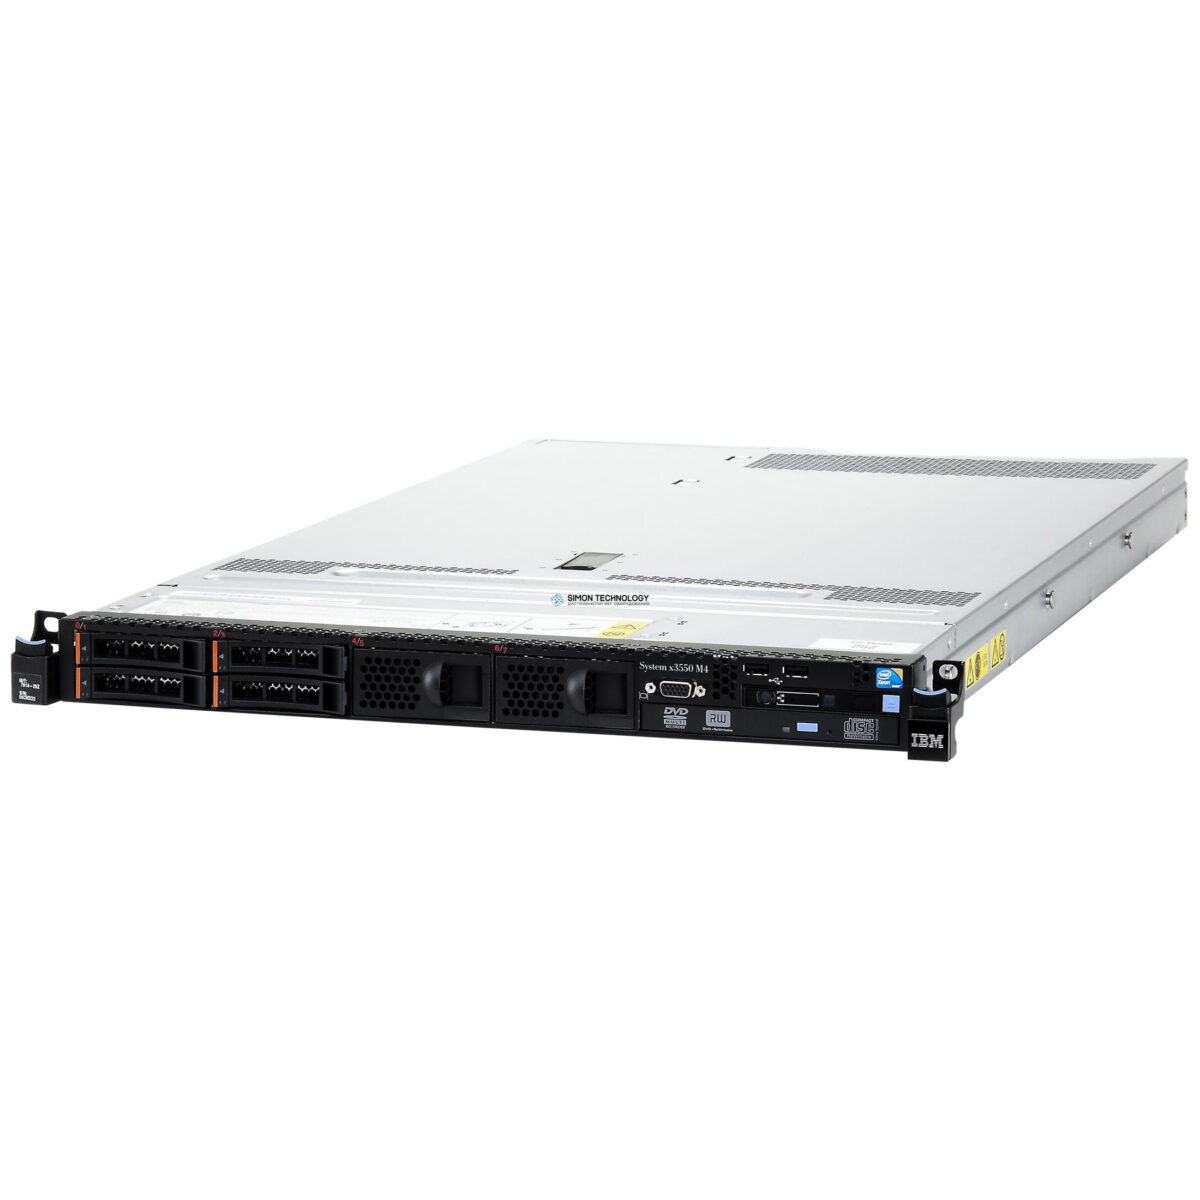 Сервер IBM x3550 M4 - Configured to order, v2 Motherboard (7914AC1-V2)